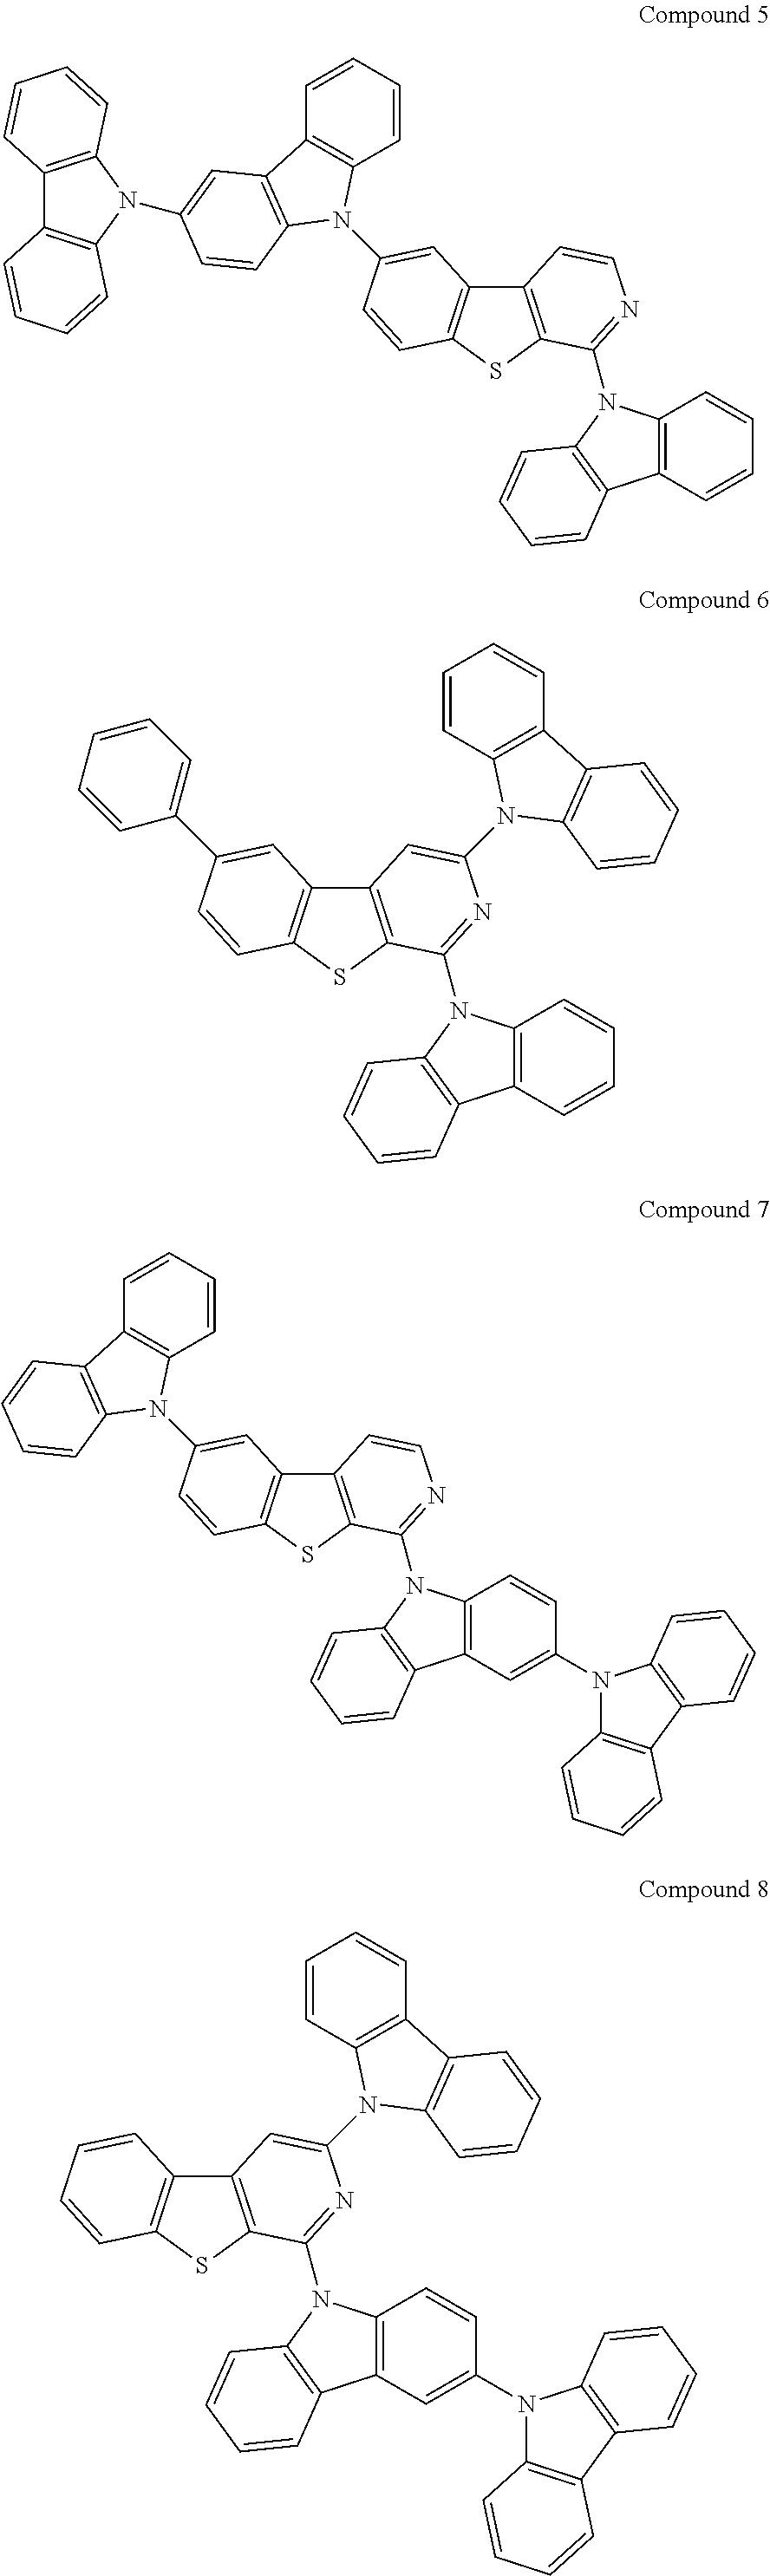 Figure US09518063-20161213-C00025